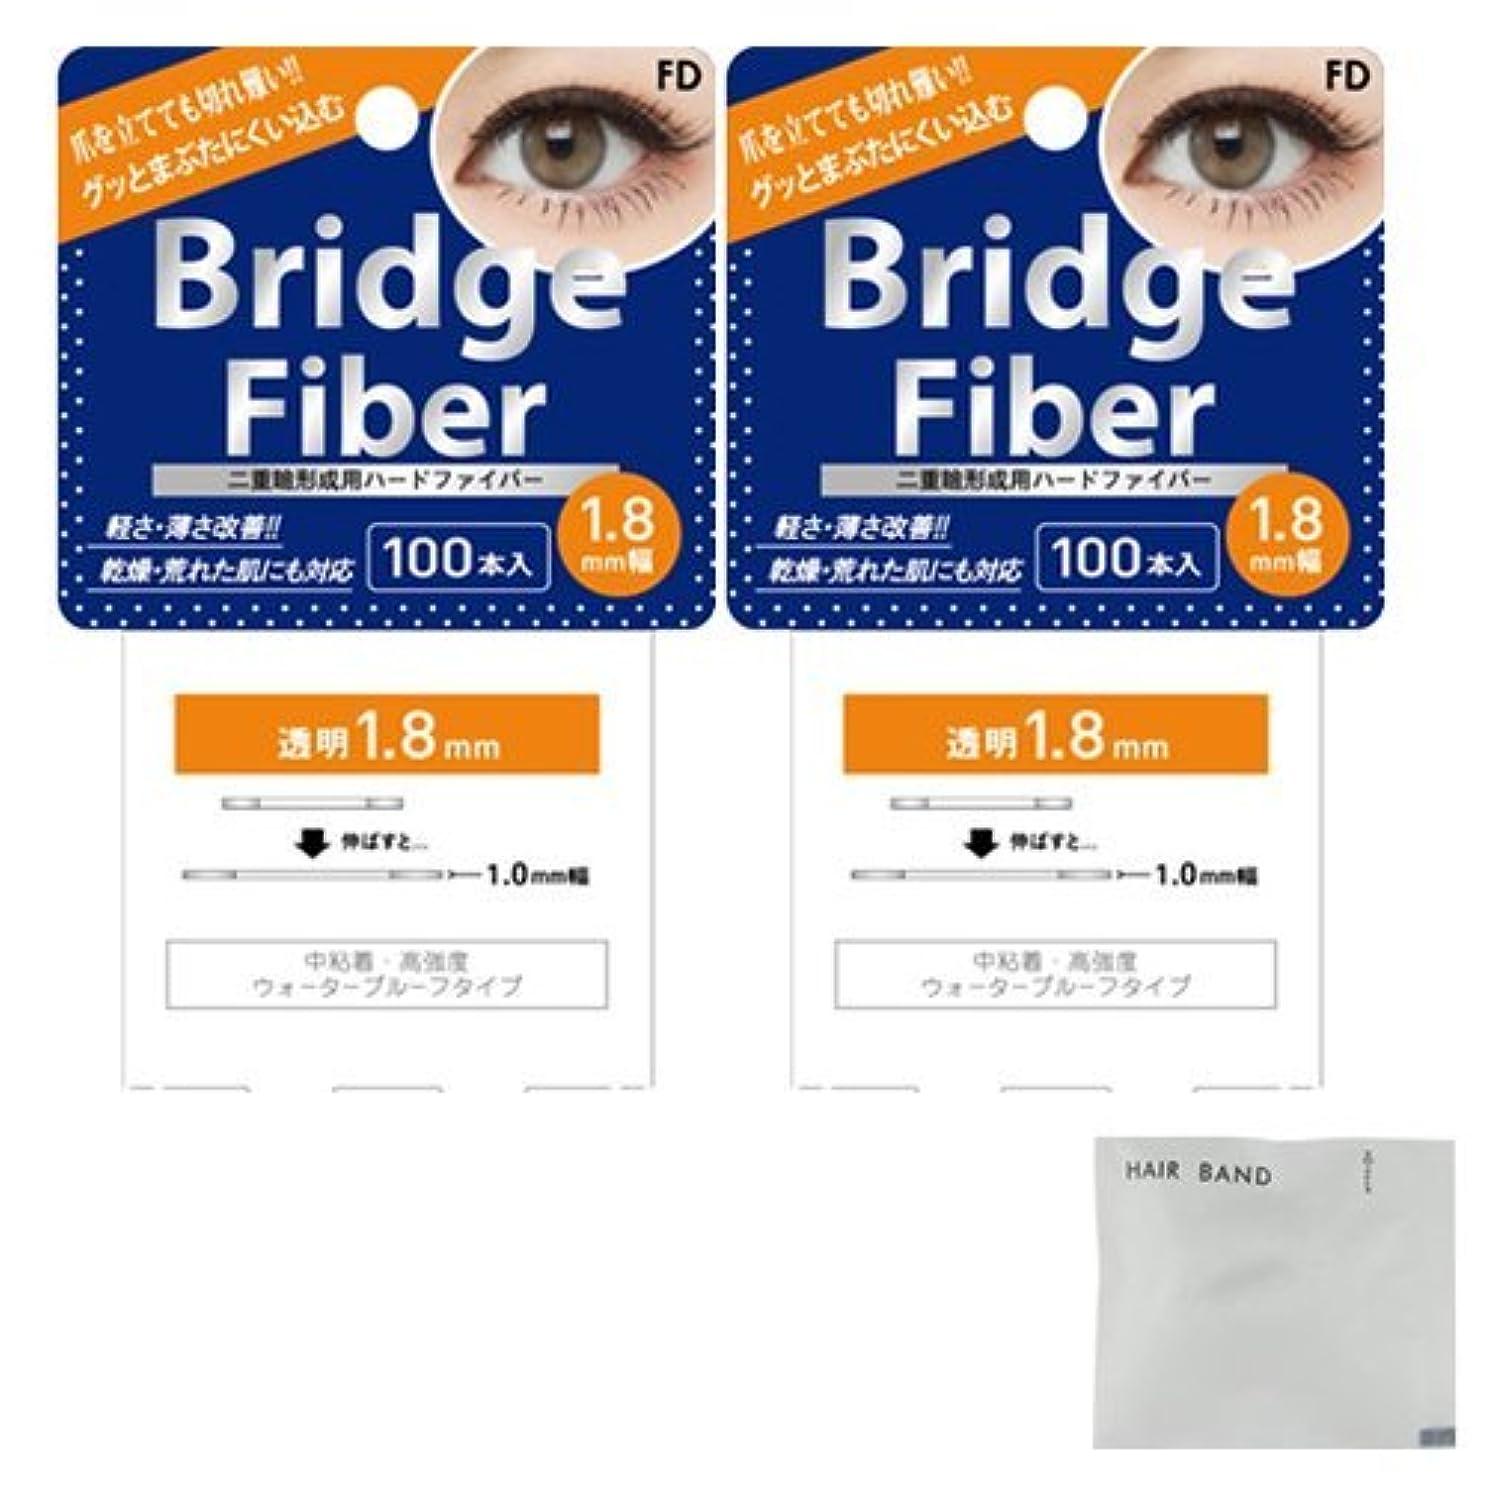 口クリスマス手綱FD ブリッジファイバーⅡ (Bridge Fiber) クリア1.8mm×2個 + ヘアゴム(カラーはおまかせ)セット